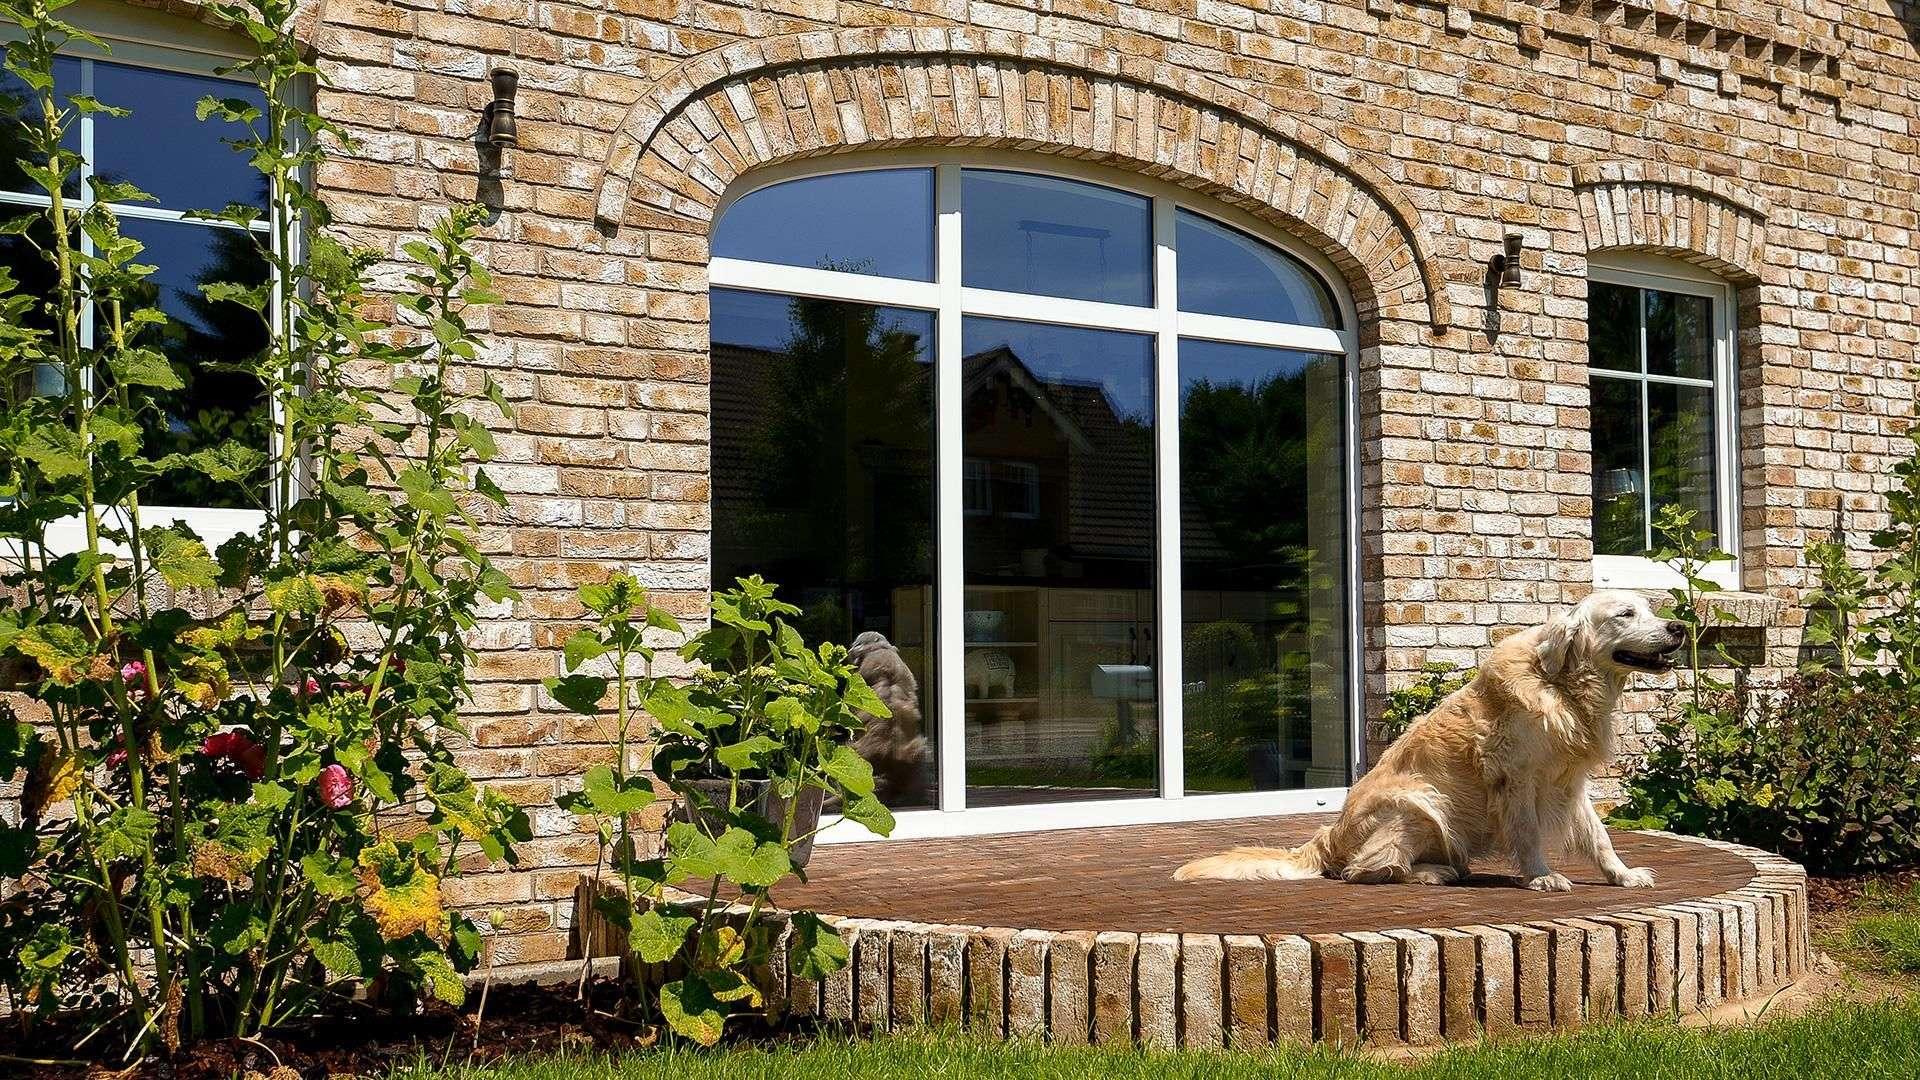 Hund auf einer halbrunden Terrasse mit großen Terrassenfenster mit Rundbogen